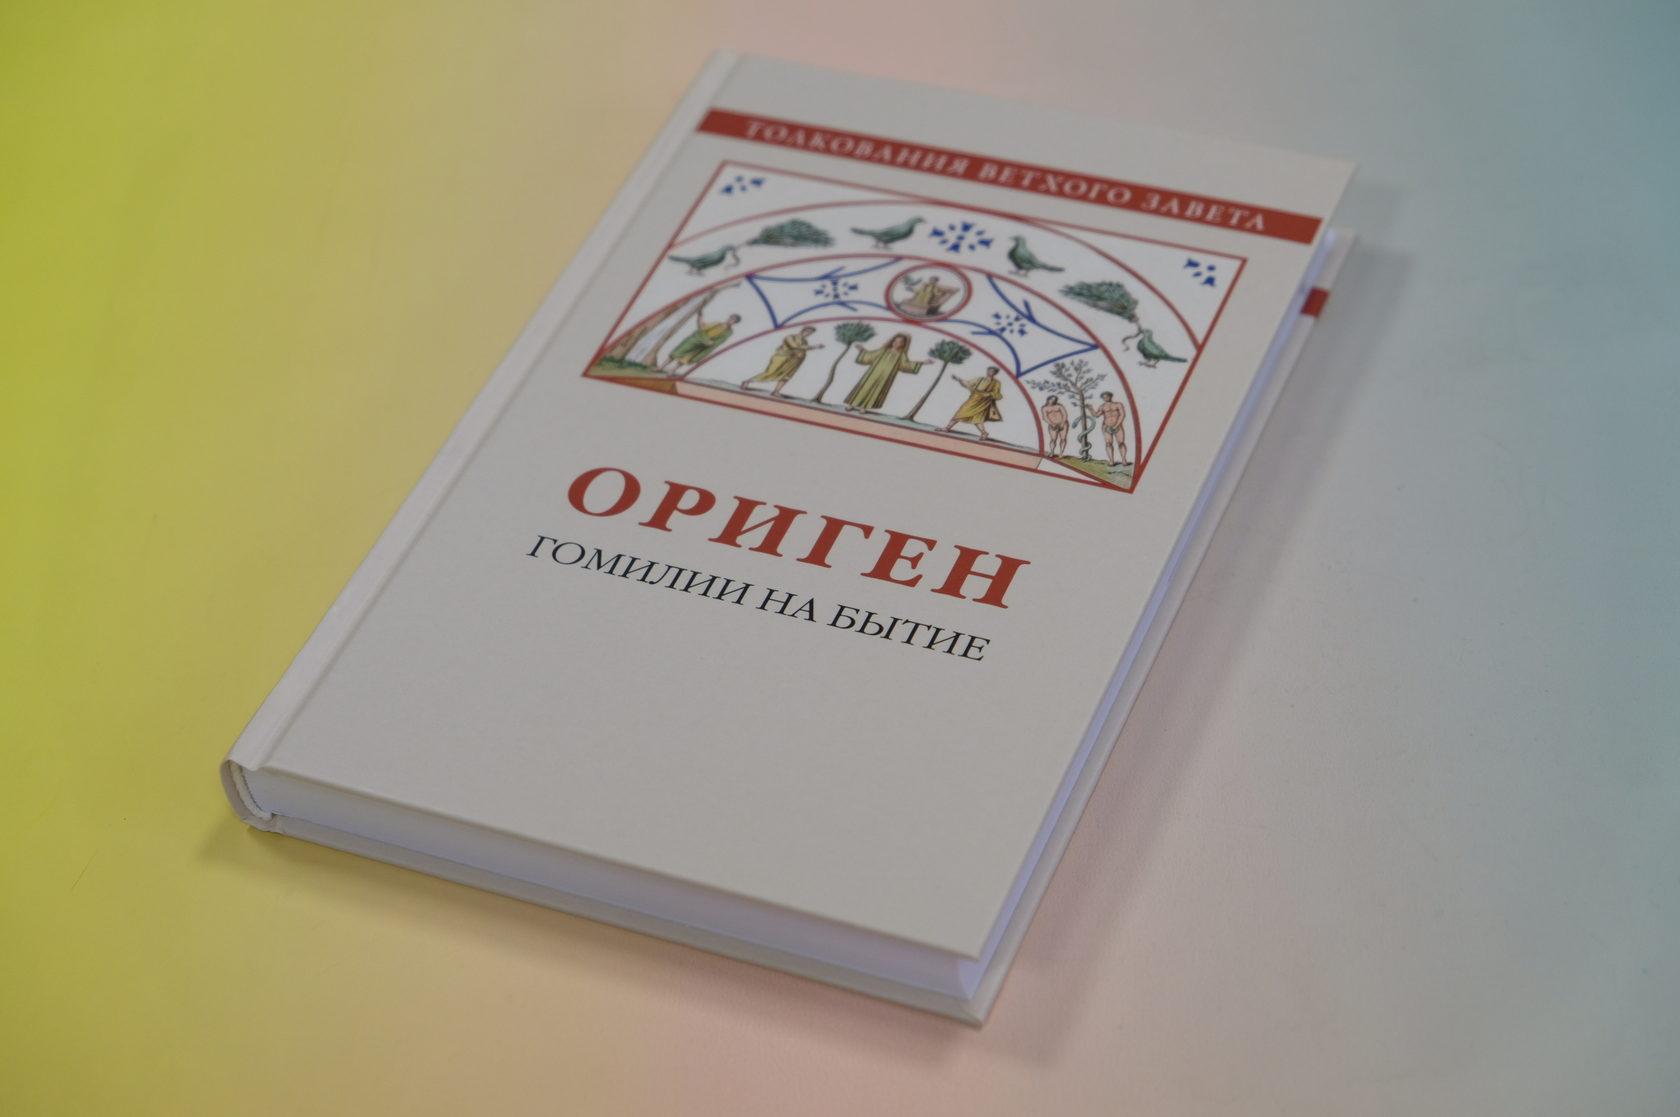 Купить книгу «Ориген. Гомилии на Бытие» 978-5-906960-43-6